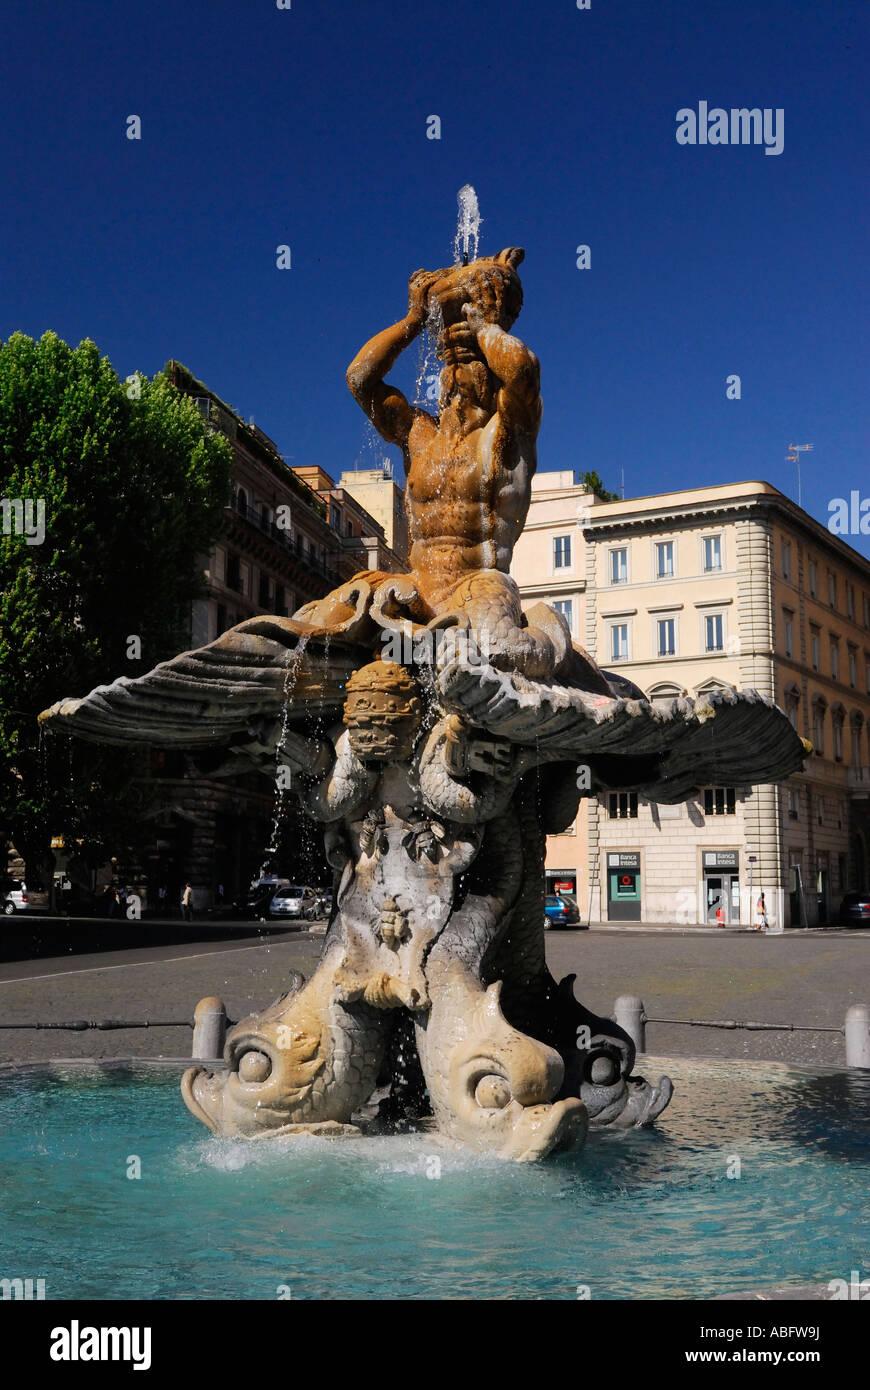 Triton fountain by Bernini in Piazza Barberini Rome Italy - Stock Image